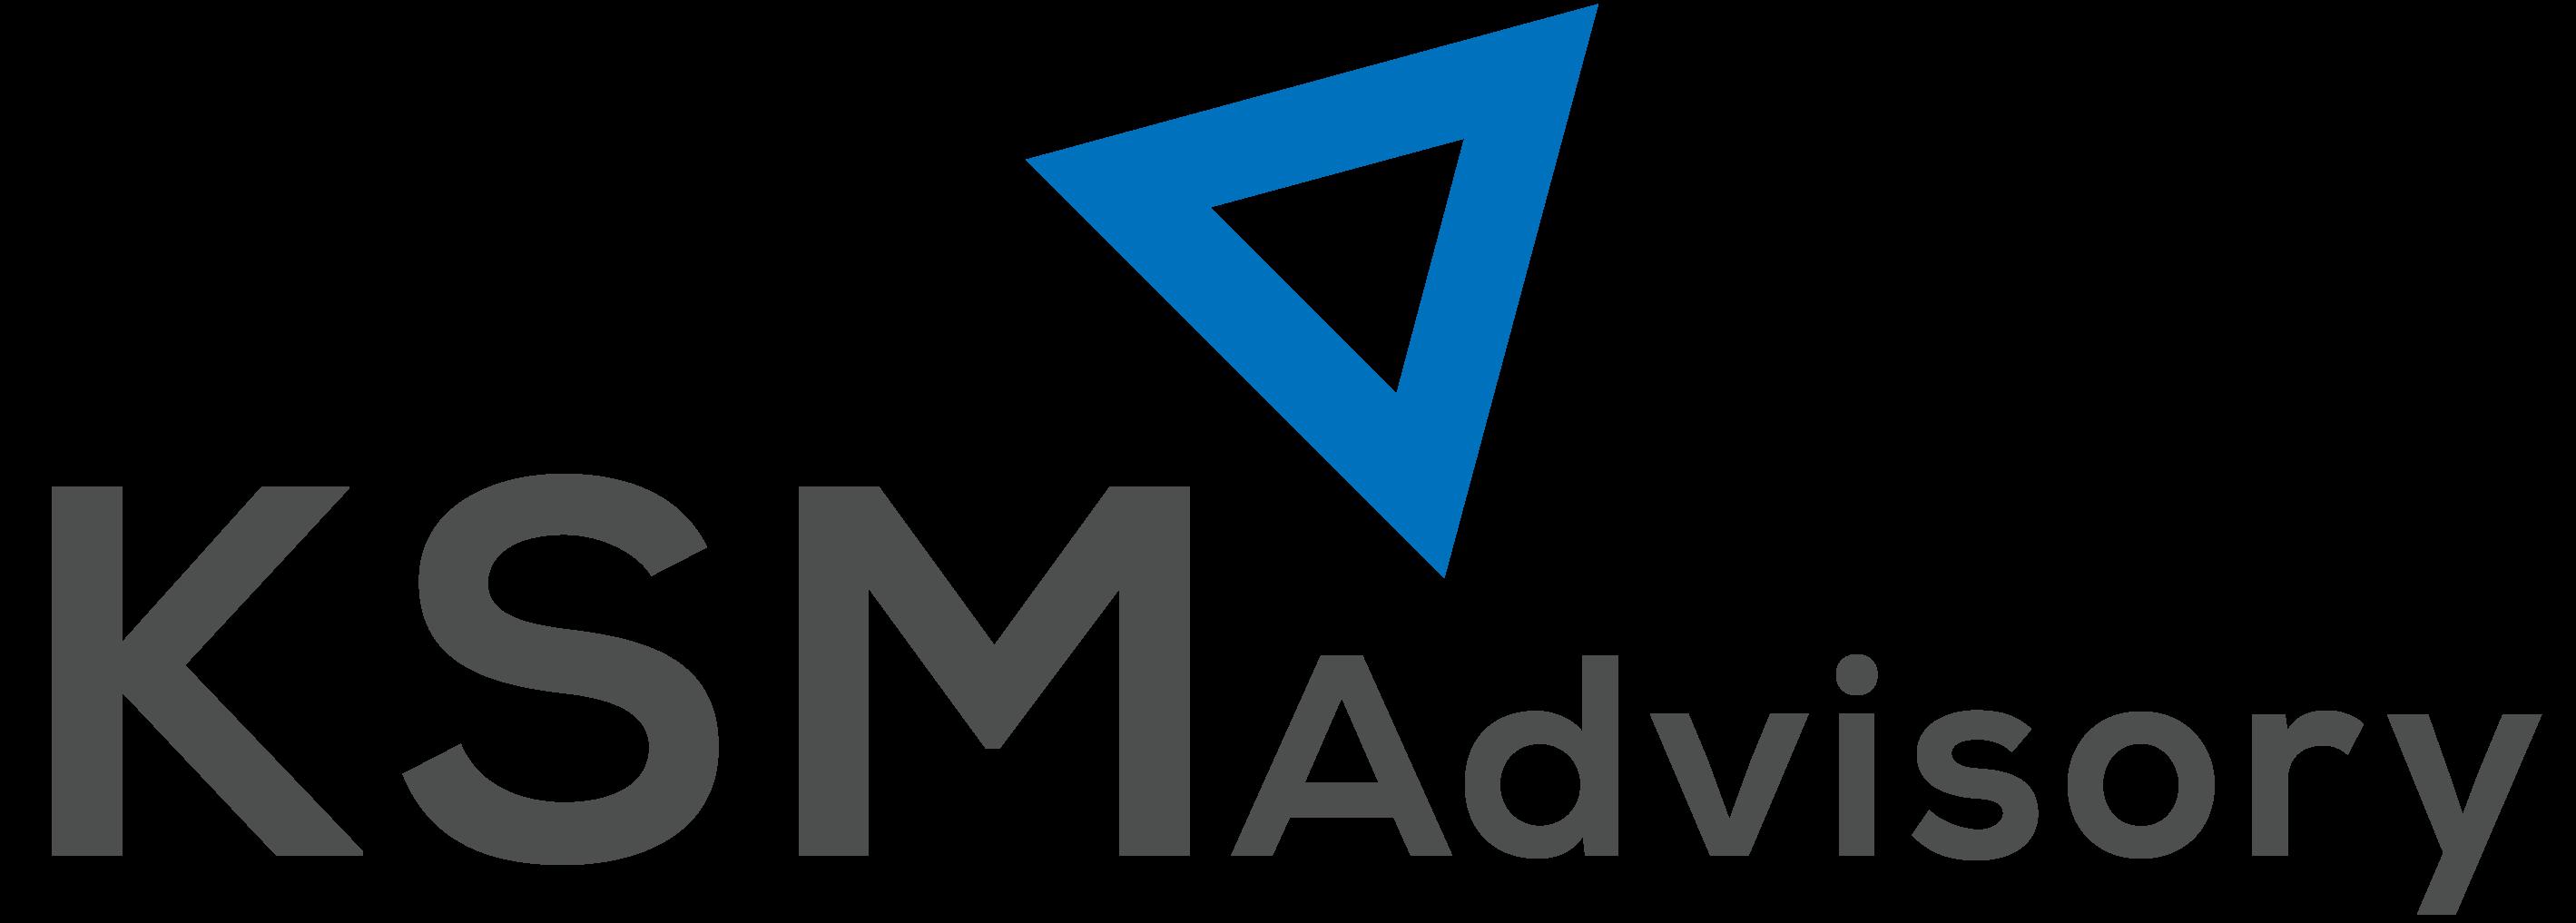 KSM Advisory